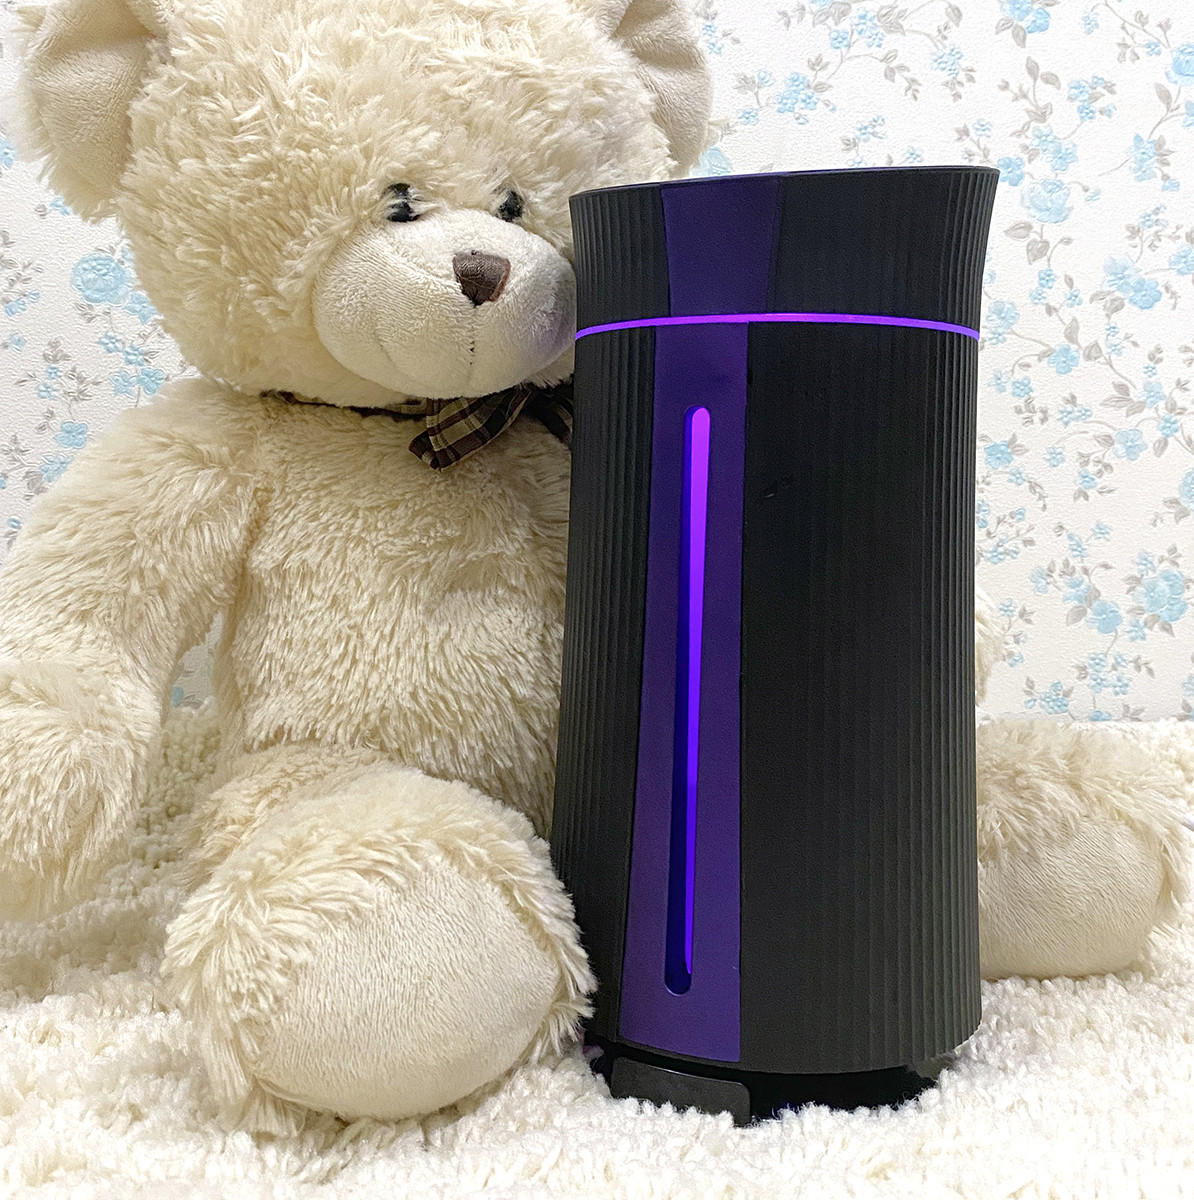 Ультразвуковой увлажнитель воздуха Humidifier A8 USB. Настольный увлажнитель воздуха